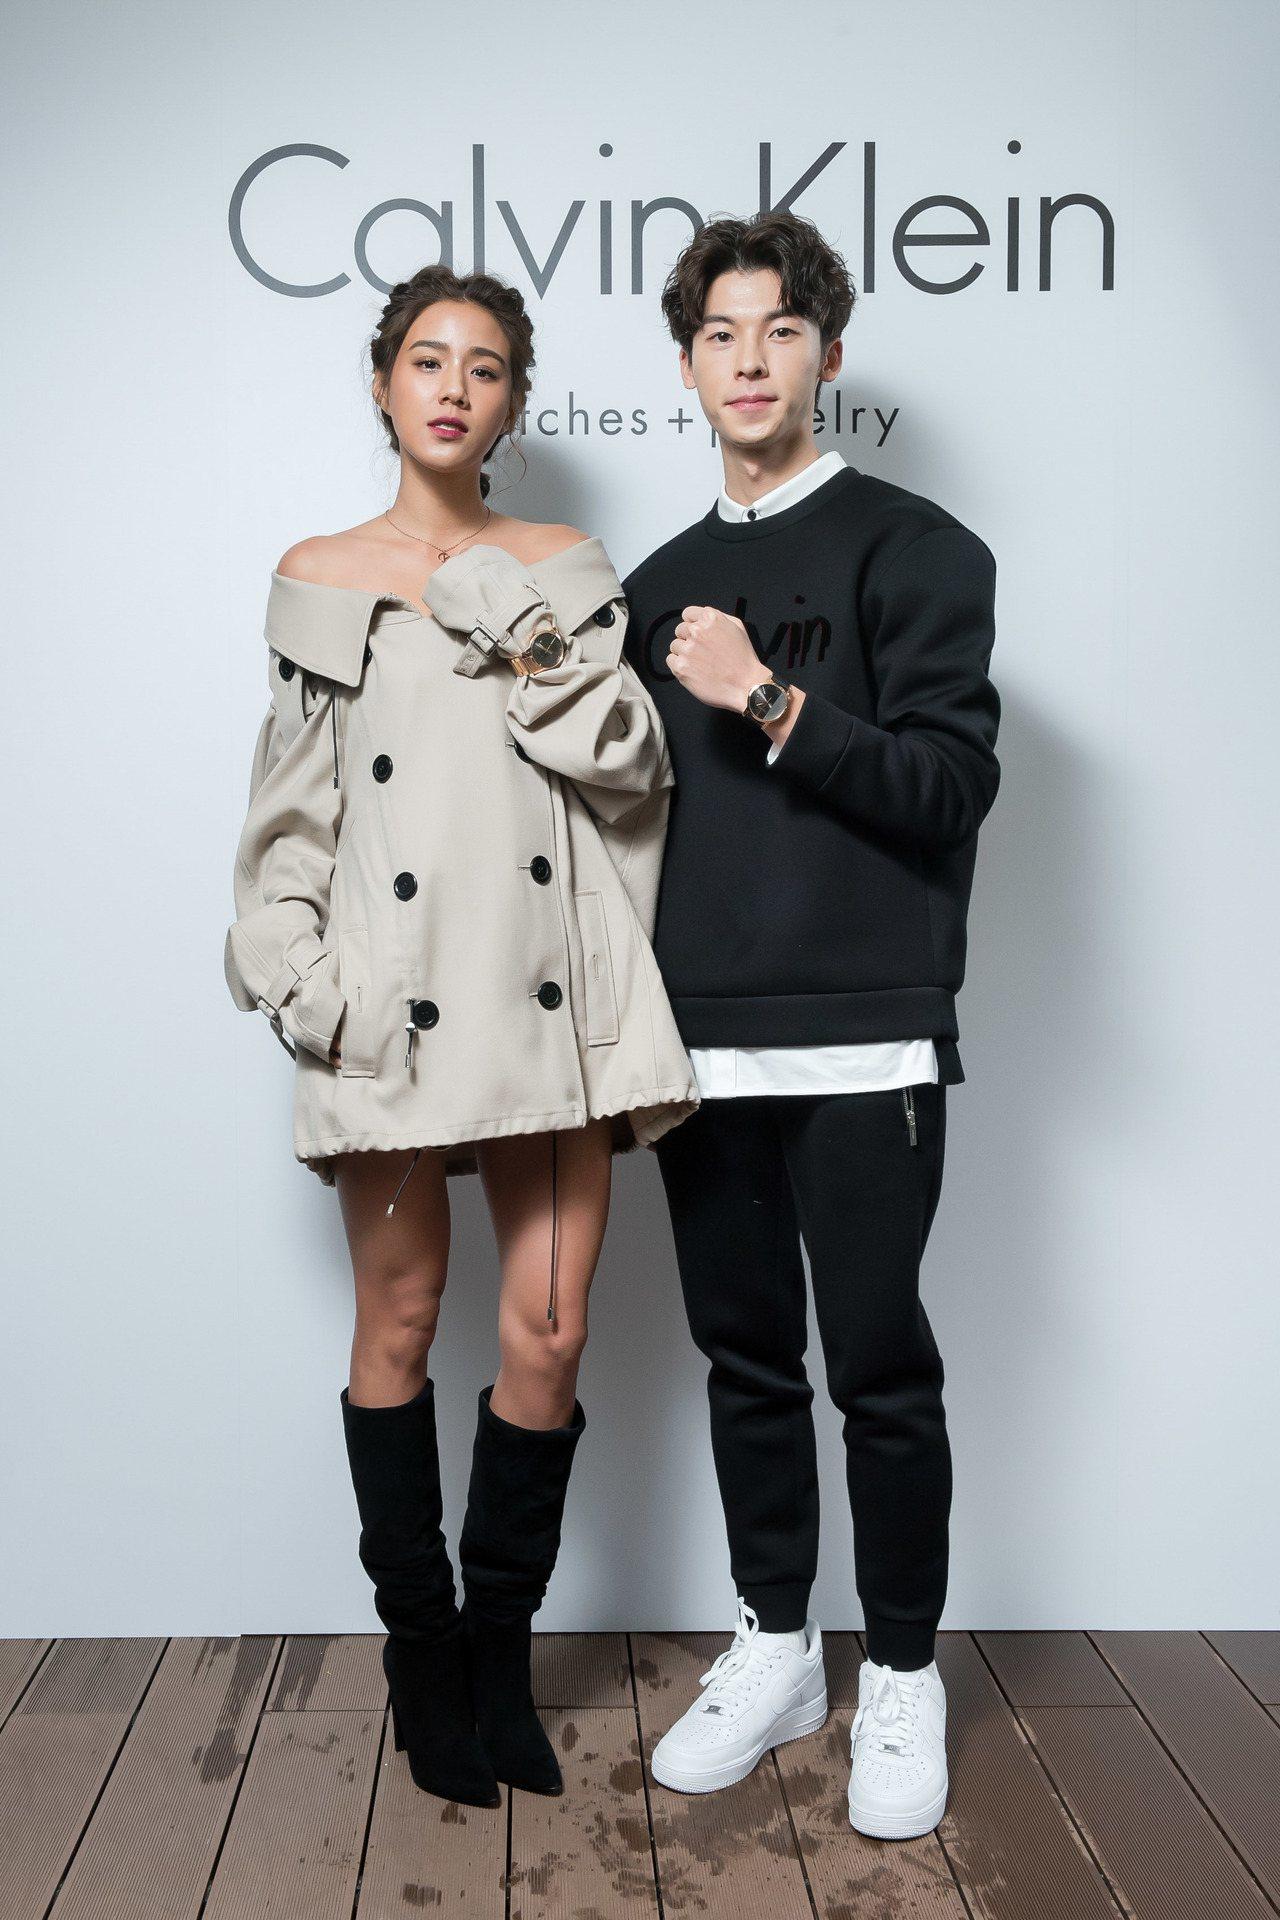 許光漢及陽光女模Angelina(左),一同演繹Calvin Klein耶誕節新...